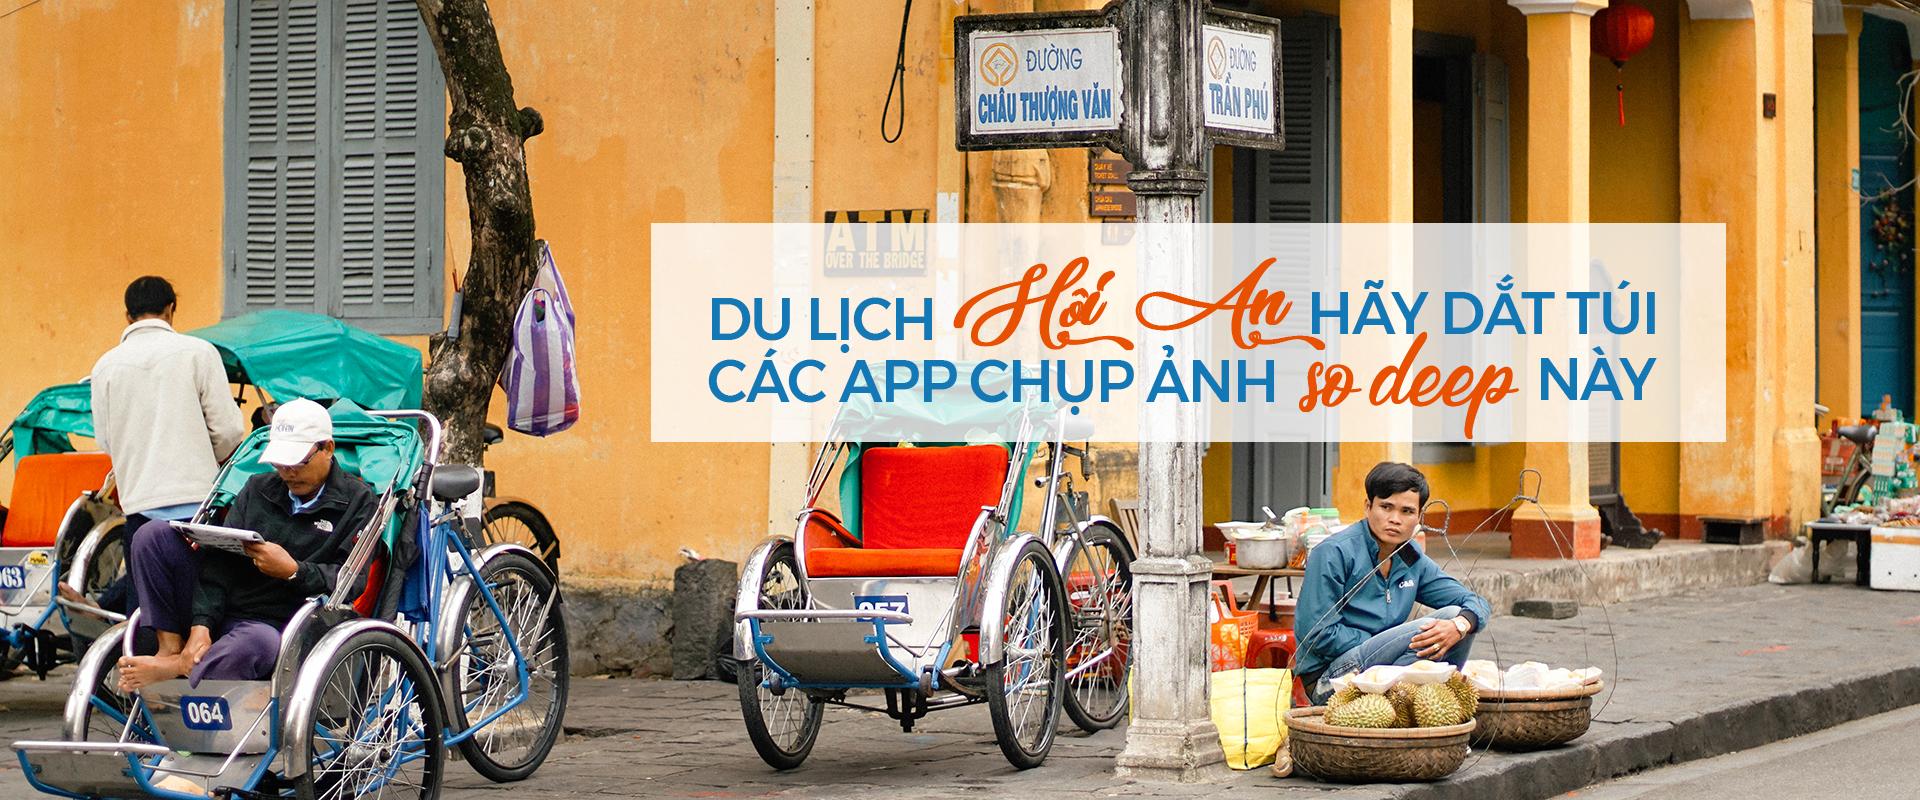 Du lịch Hội An - hãy dắt túi các app chụp ảnh so deep này